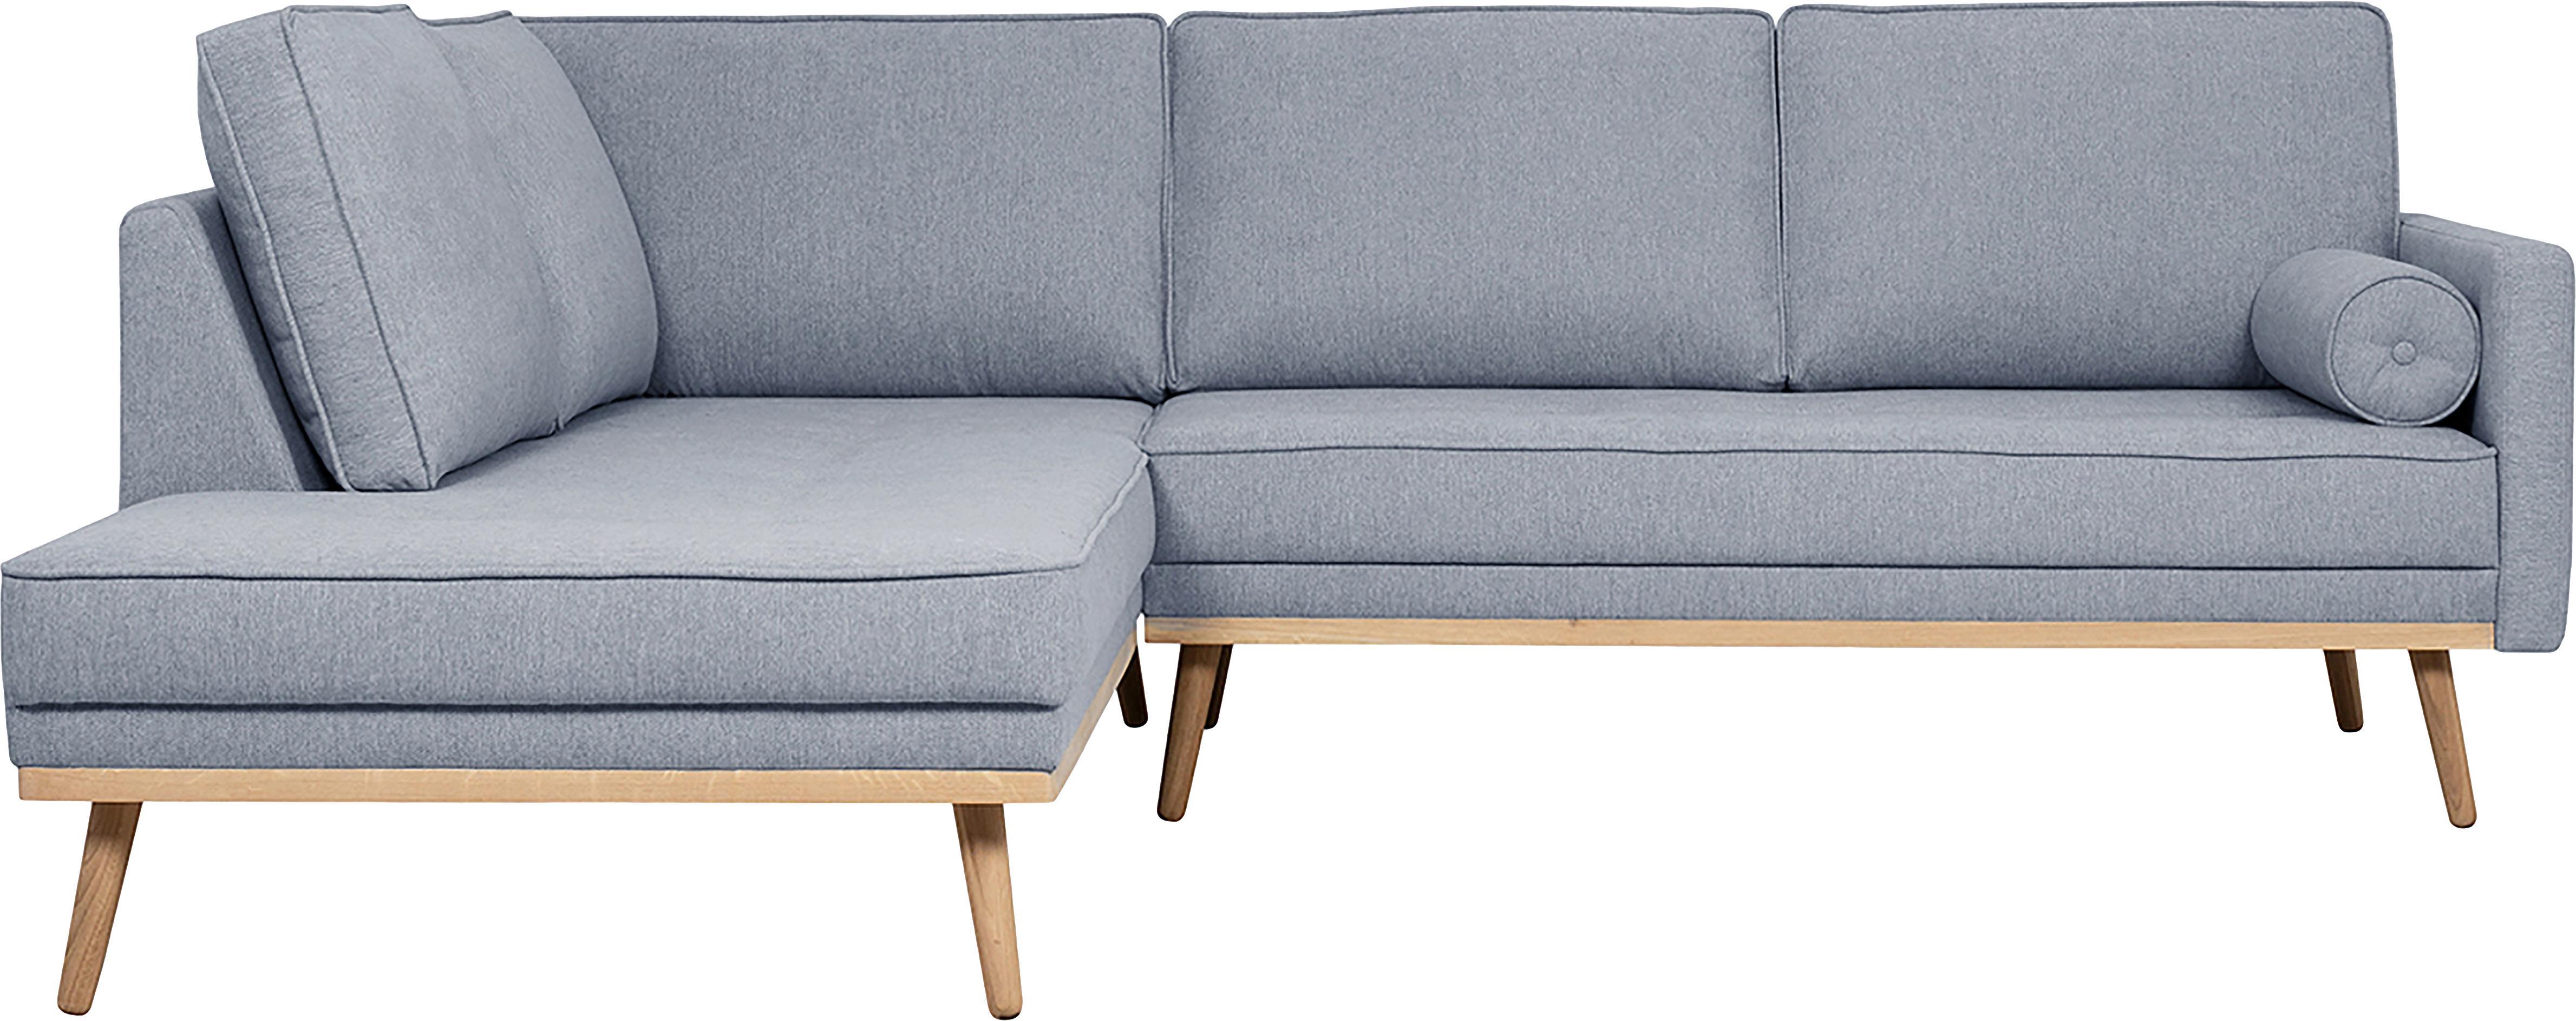 Divano angolare 3 posti in tessuto blu grigio Saint, Rivestimento: poliestere 50.000 cicli d, Struttura: legno di pino massiccio, , Tessuto blu grigio, Larg. 243 x Alt. 70 cm